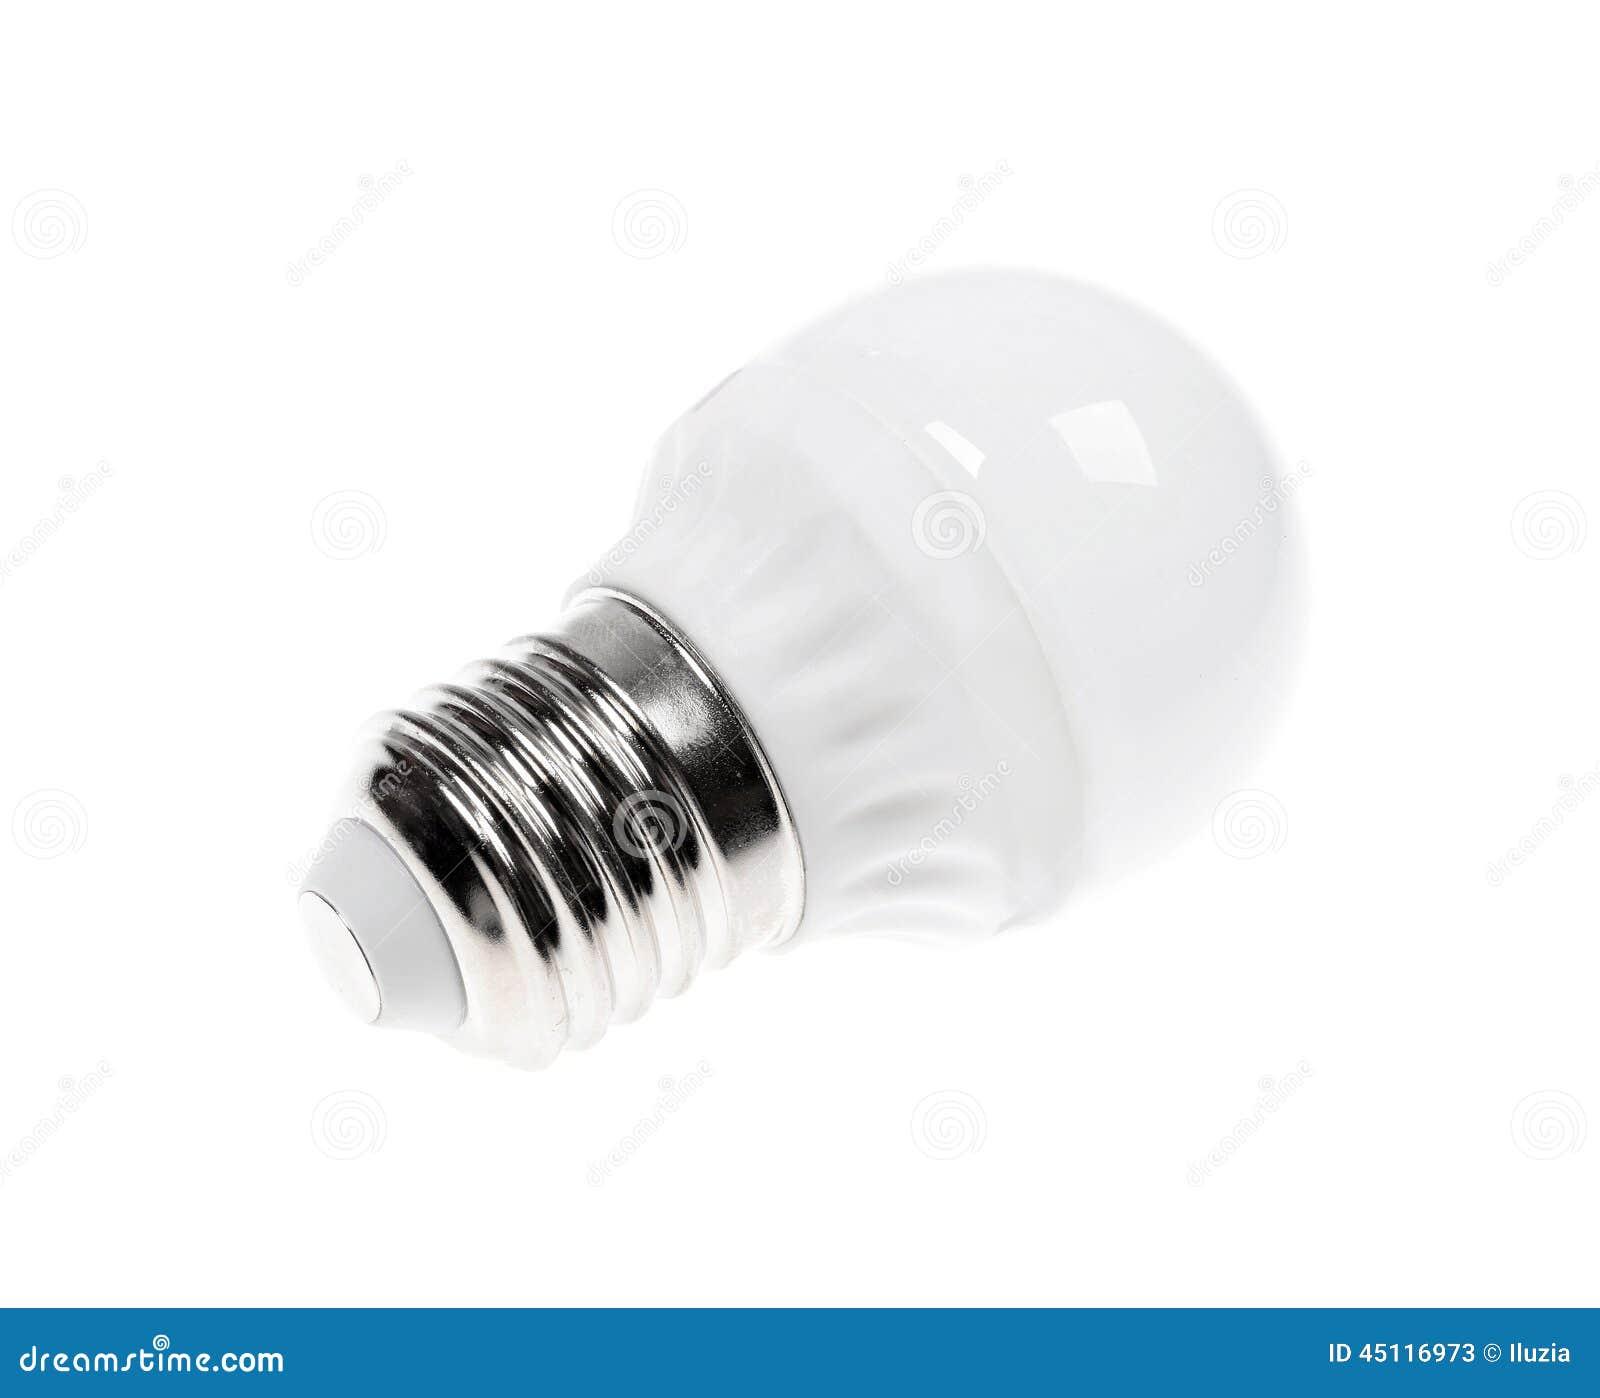 Fluorescent Light Fixtures Energy Efficiency: Energy Saving Fluorescent Light Bulb Stock Photo